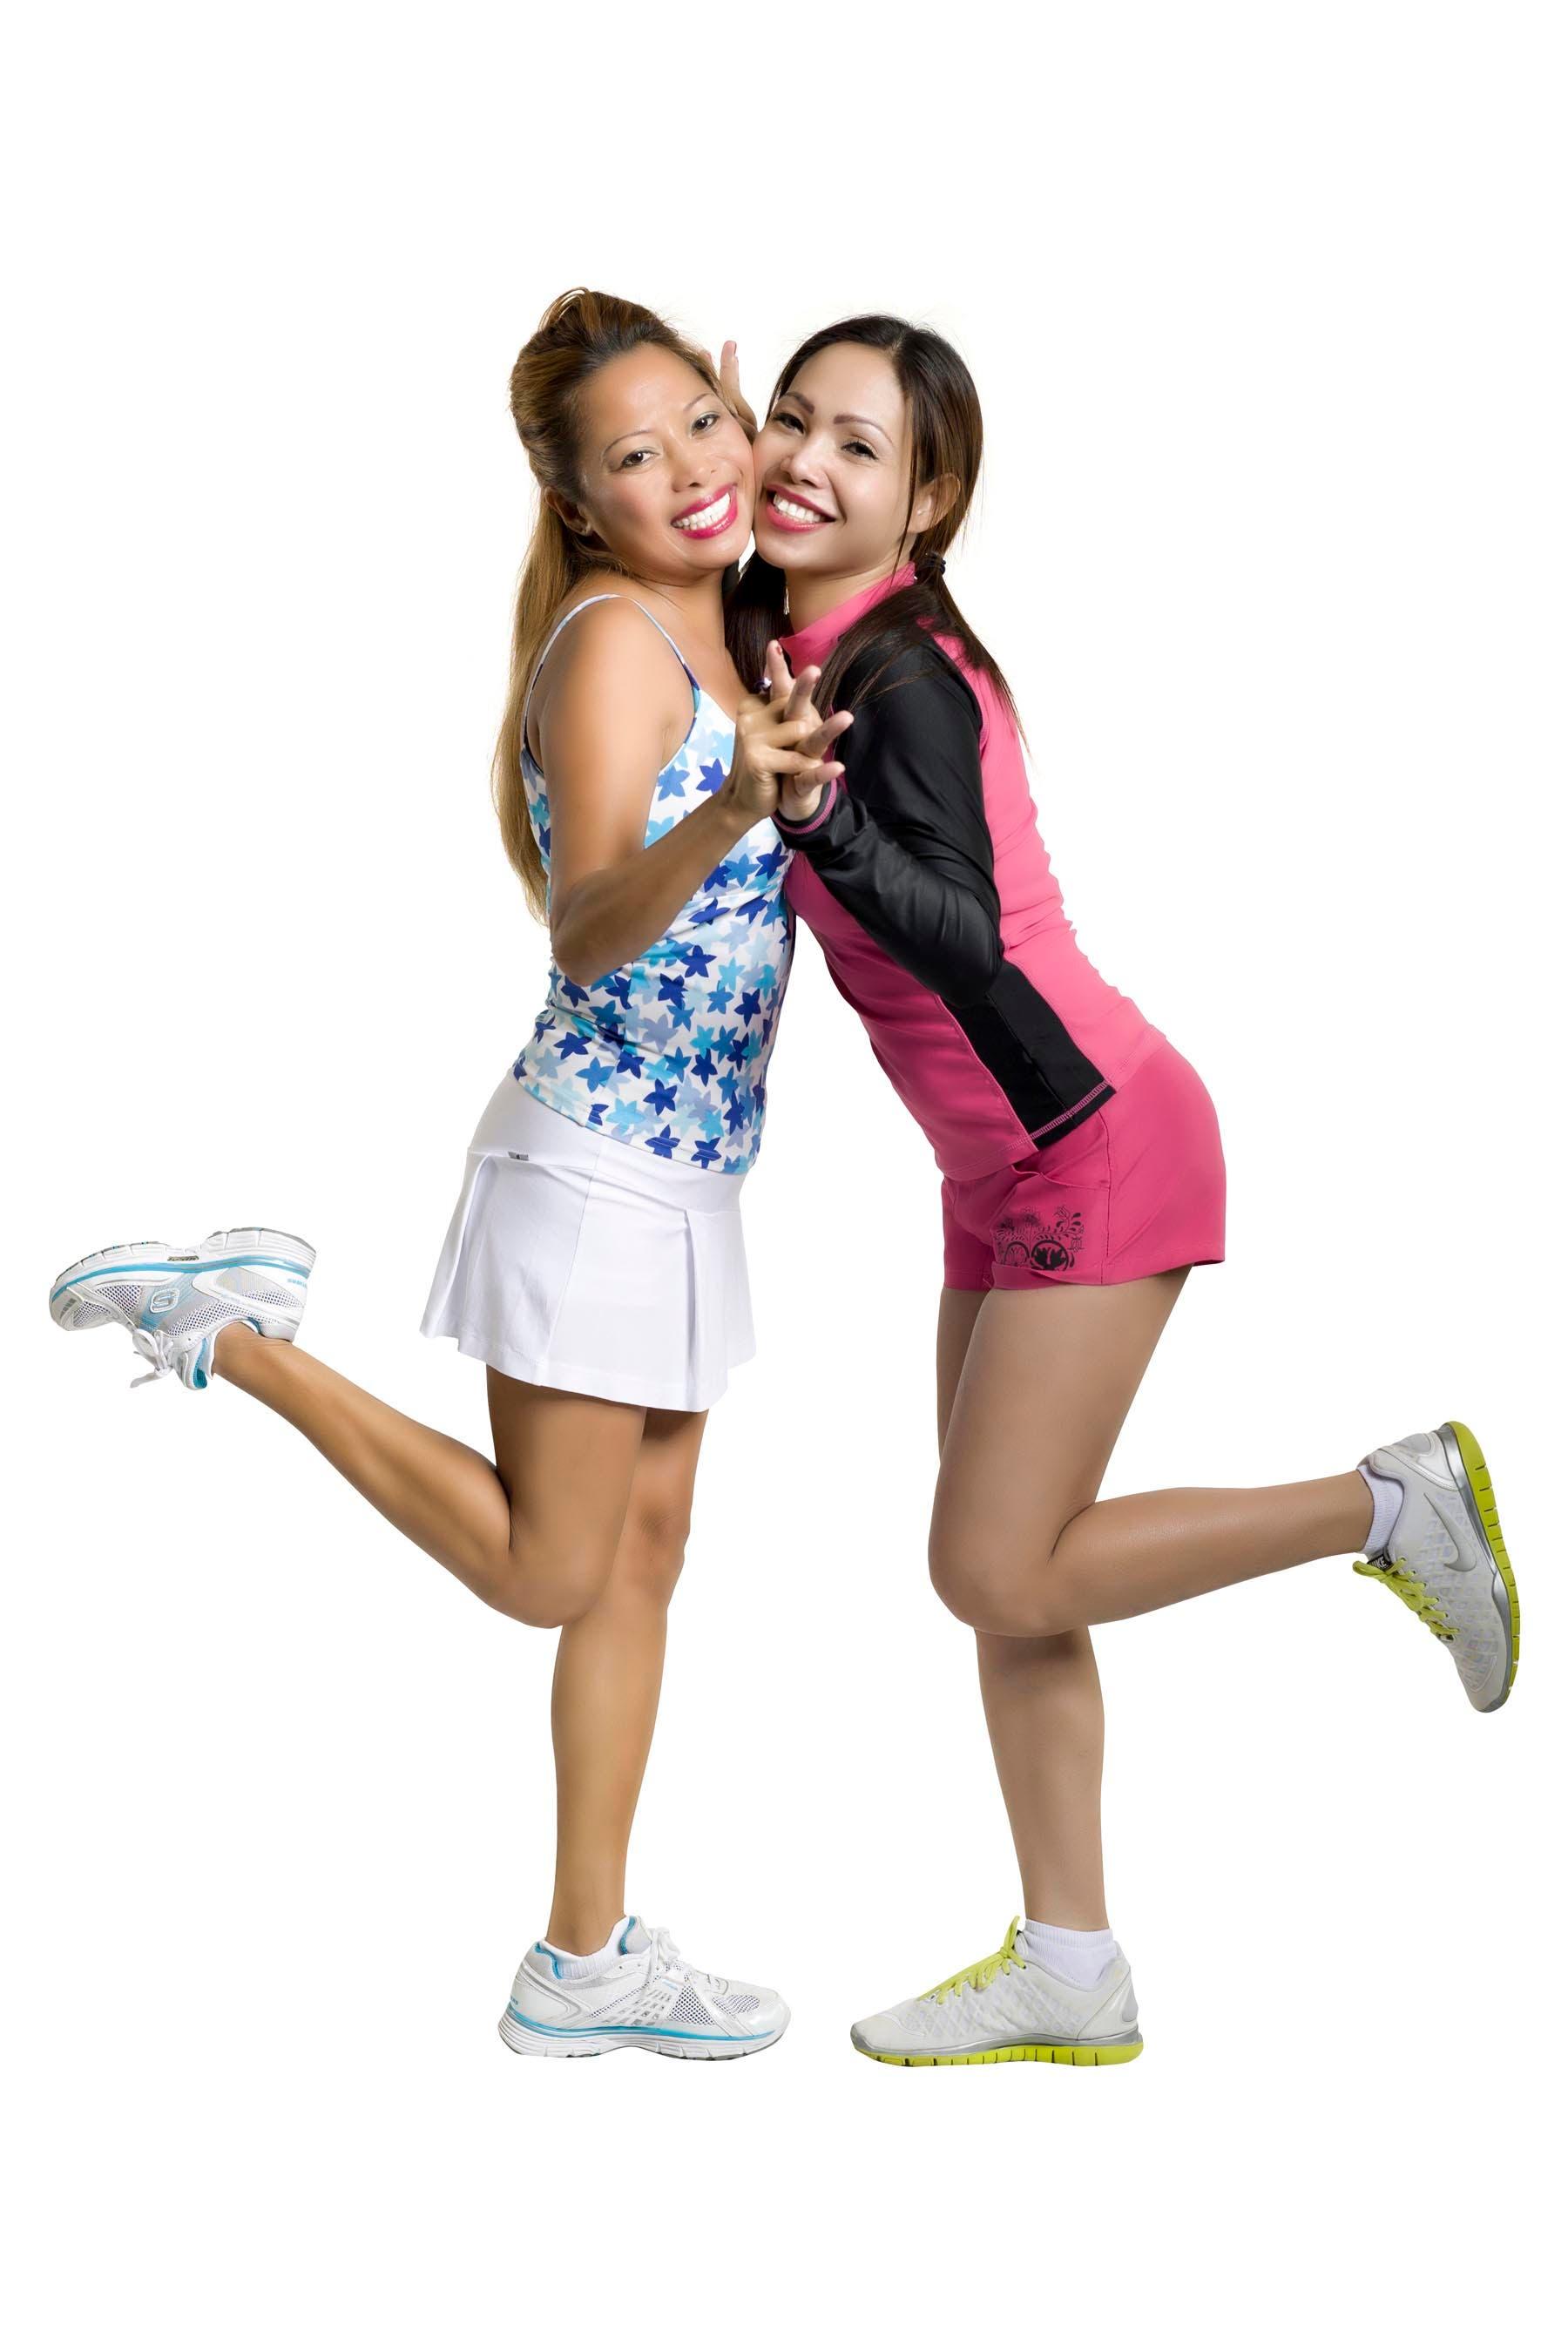 Alabang housewives Pam Spella and Vanessa Ishitani